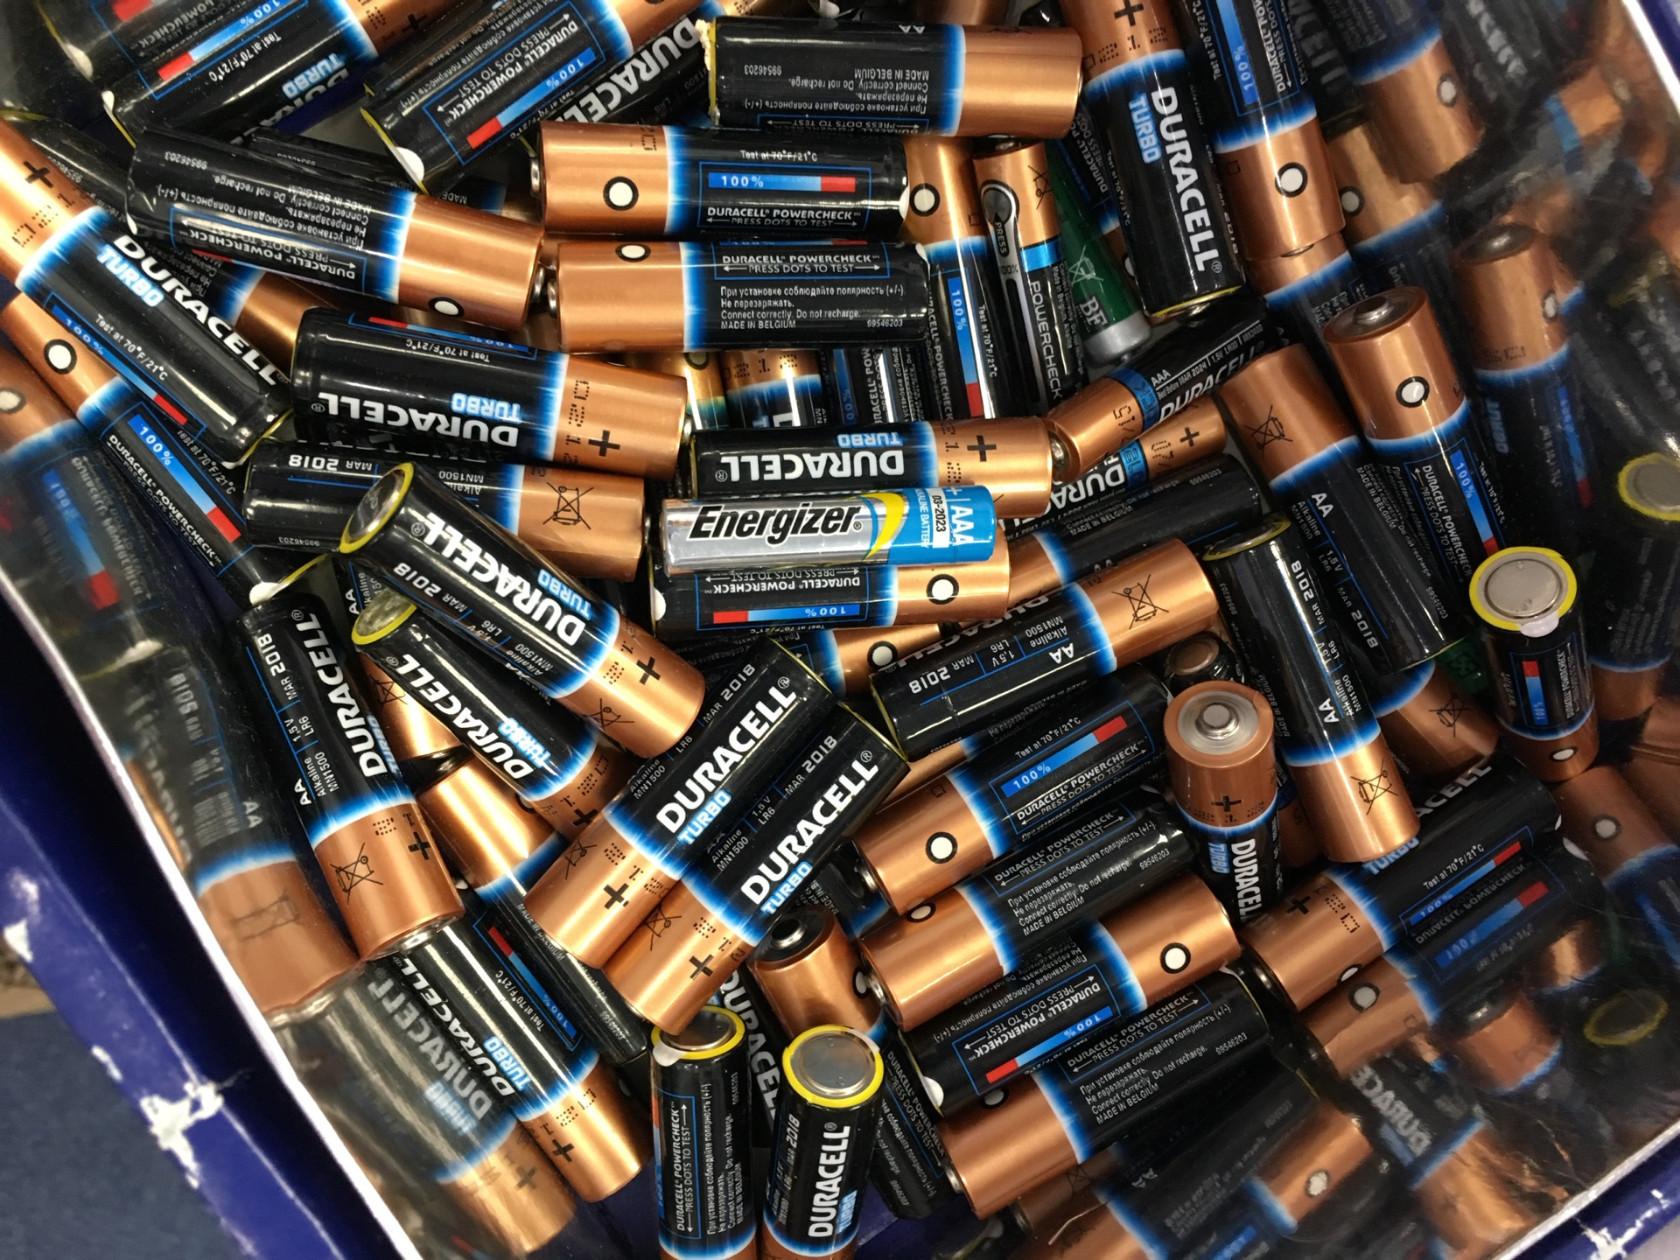 Фото картинки батареек